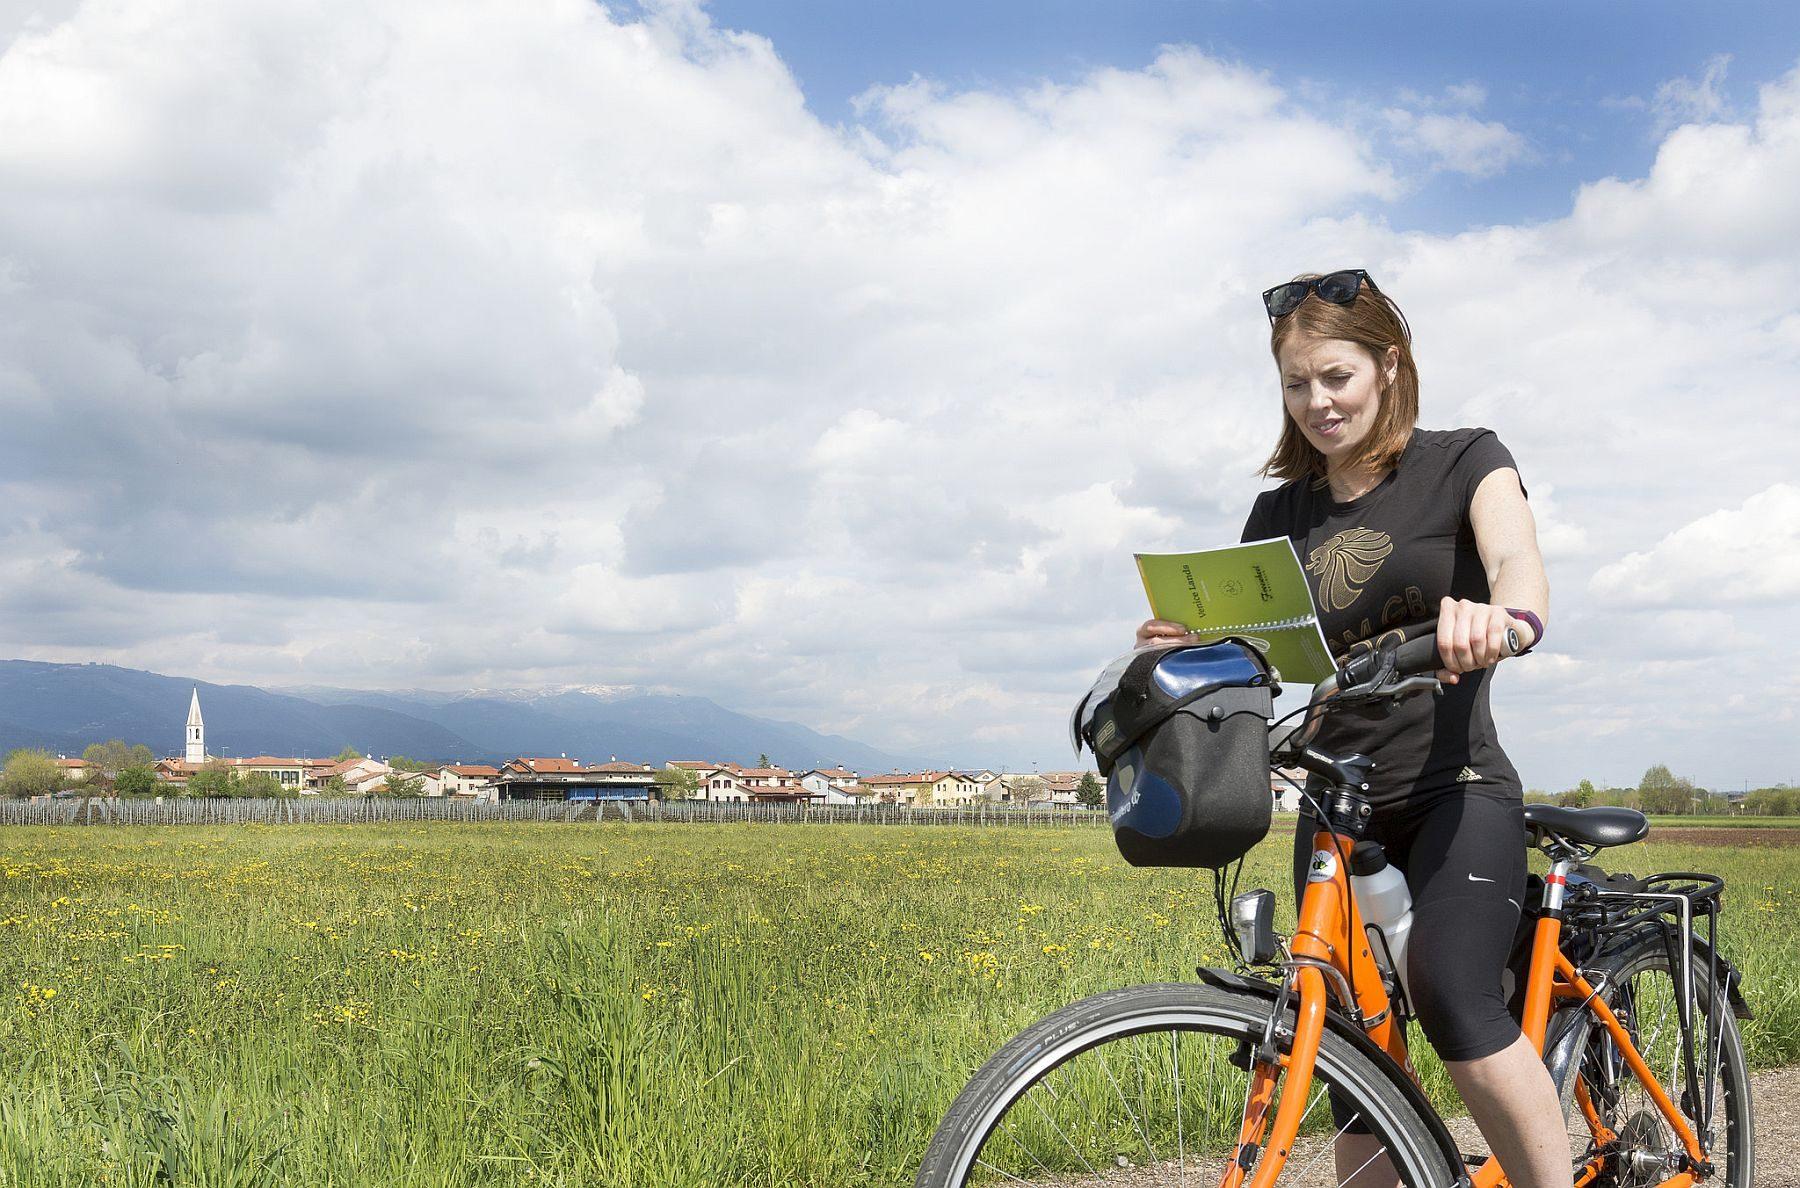 Nainen on pysäyttänyt pyörän tien laitaan ja lukee karttaa.